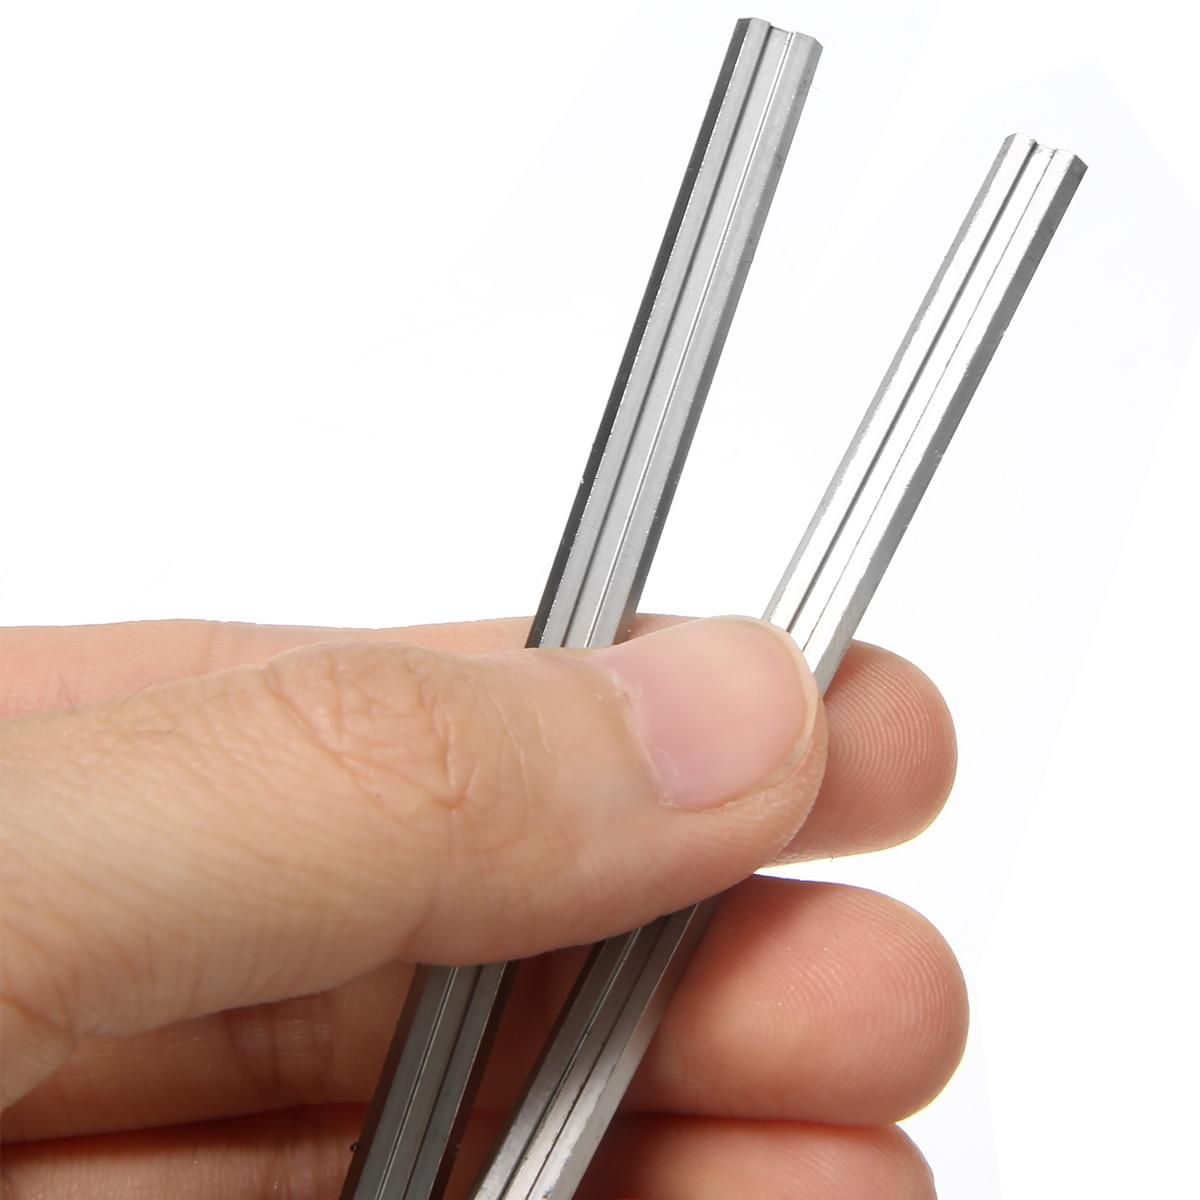 מכונות כביסה ומייבשים 4pcs קרביד 82 * 5.5 * 1.1mm 82mm פלנר סכין עבור Bosch PHO 25-82 / PHO 200 / PHO 16-82 / B34 HM פלנר חם בליידס מכירה (2)